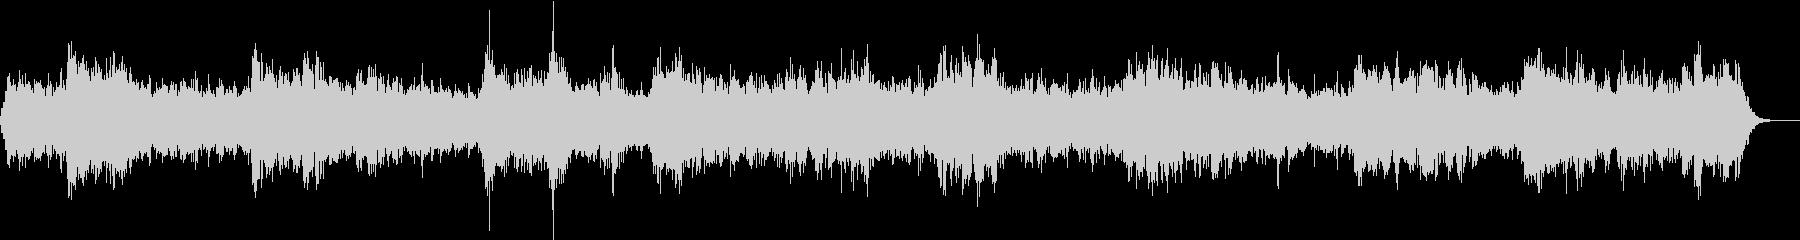 魅惑的な音色のアンビエントサウンドの未再生の波形